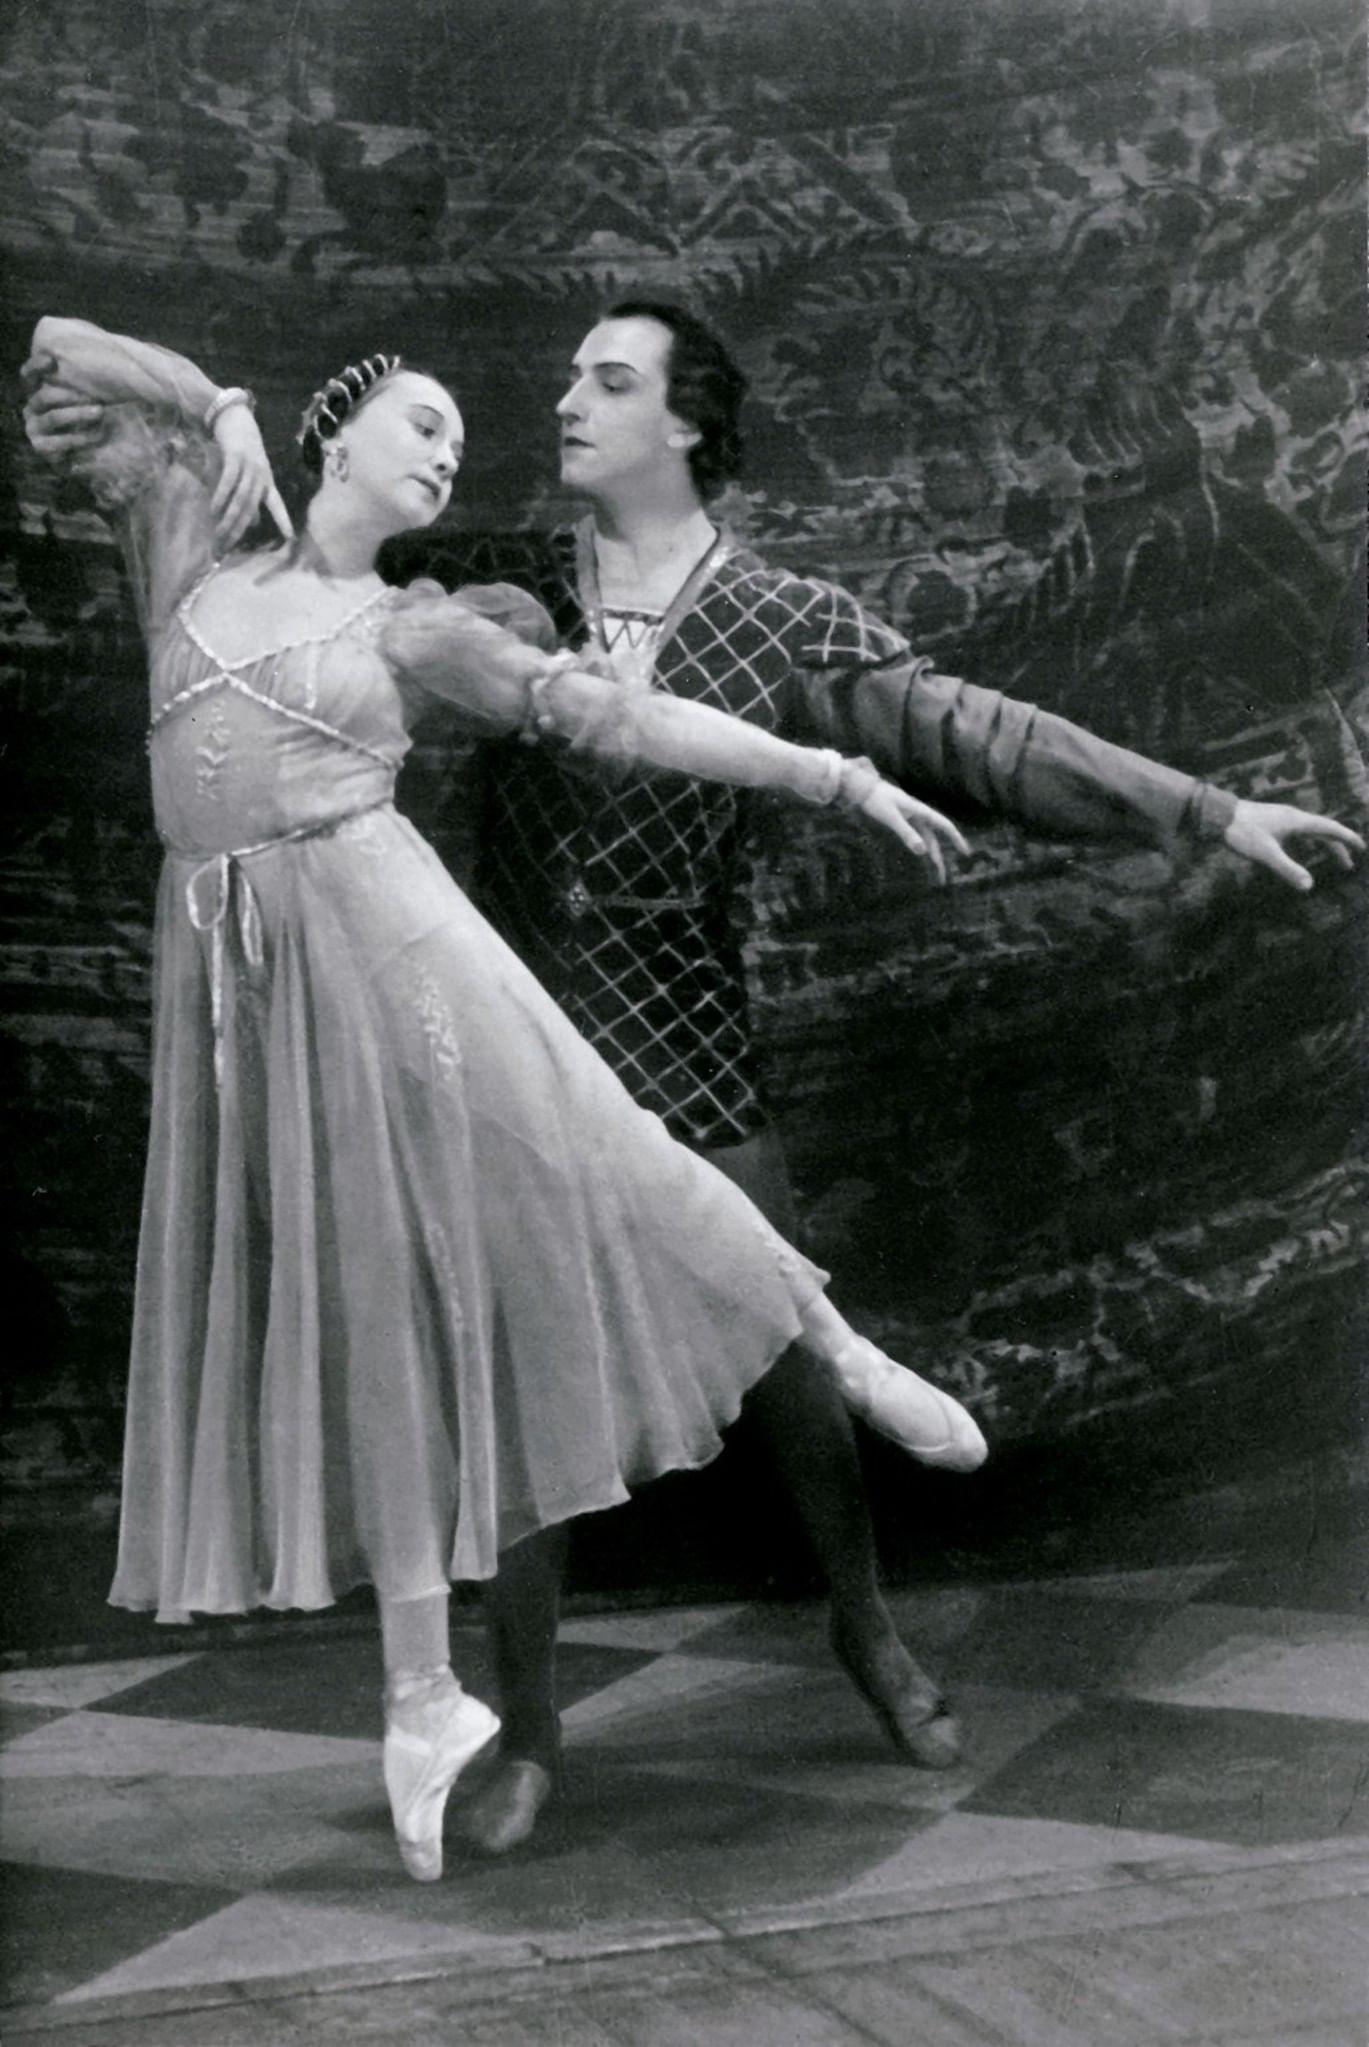 Балет «Ромео и Джульетта» Сергея Прокофьева. Большая драма и счастливый финал. Галерея 3